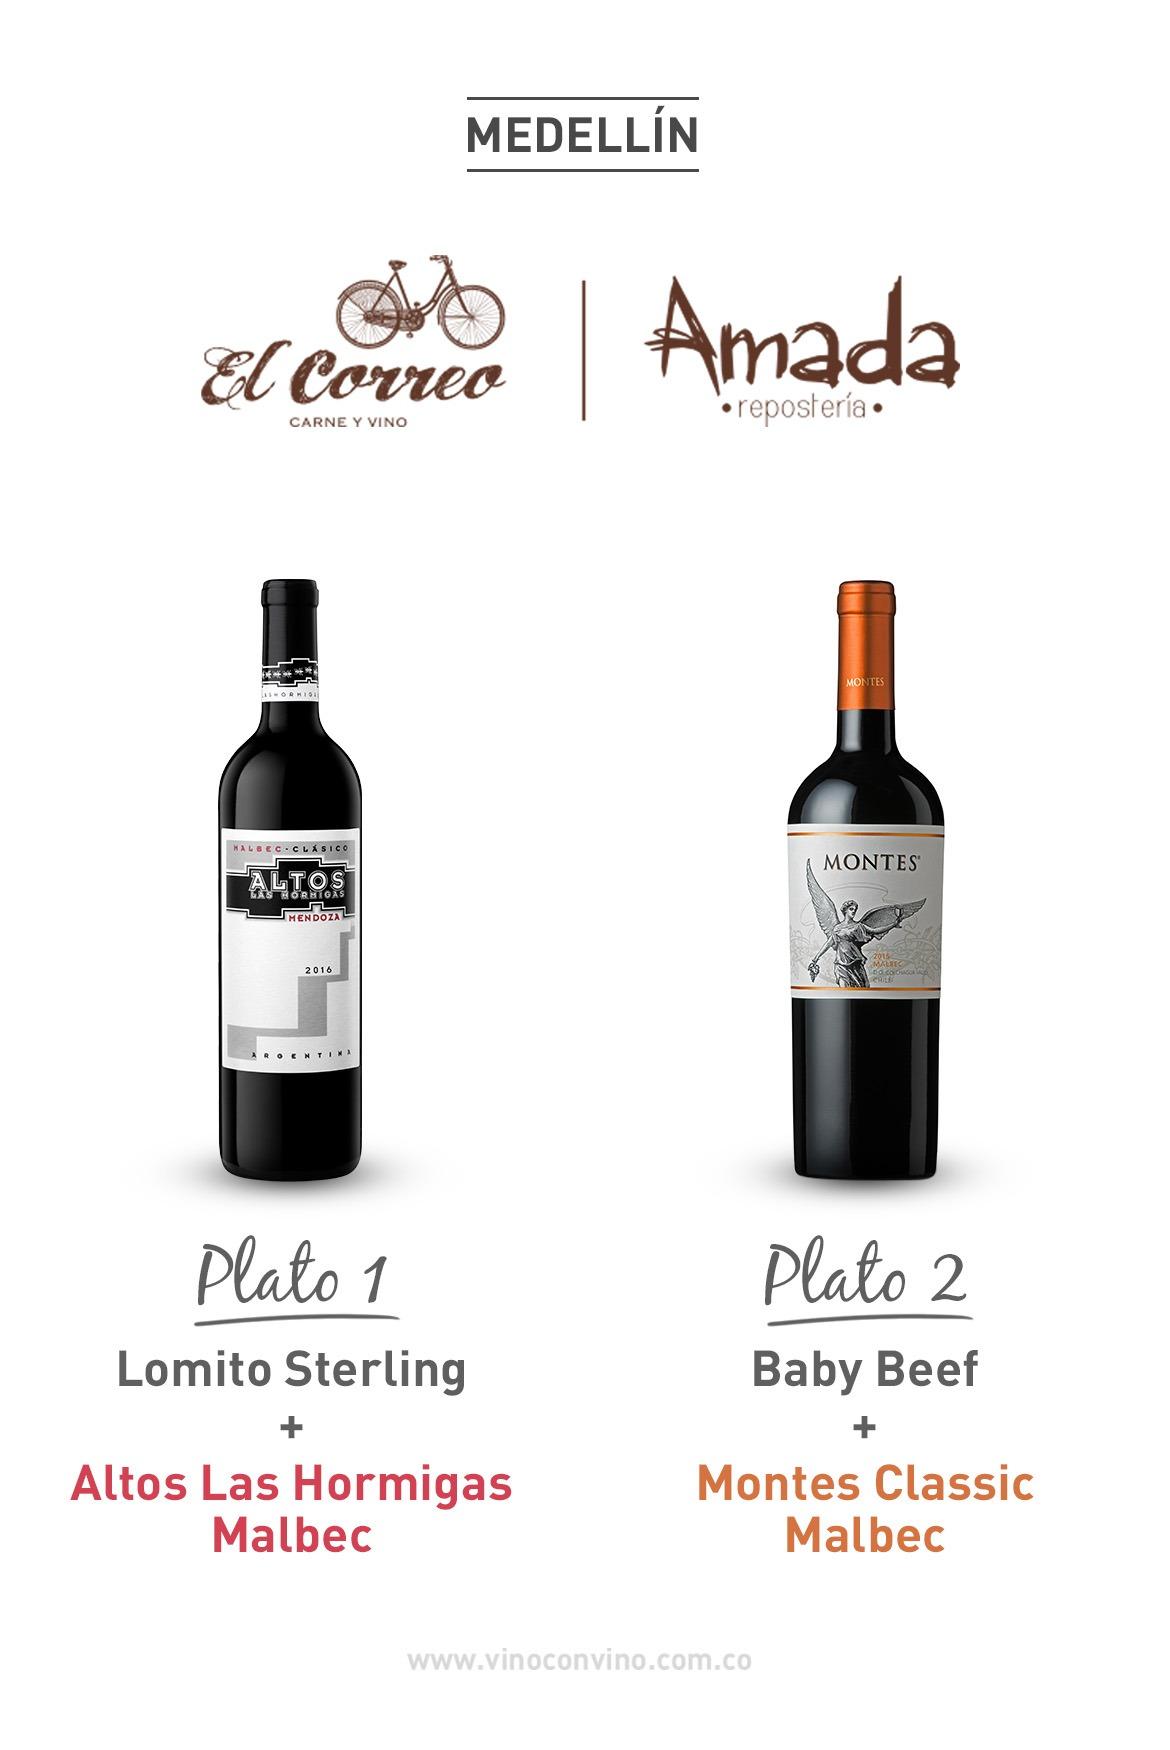 Parrilla y Malbec. Restaurante El Correo y Amada